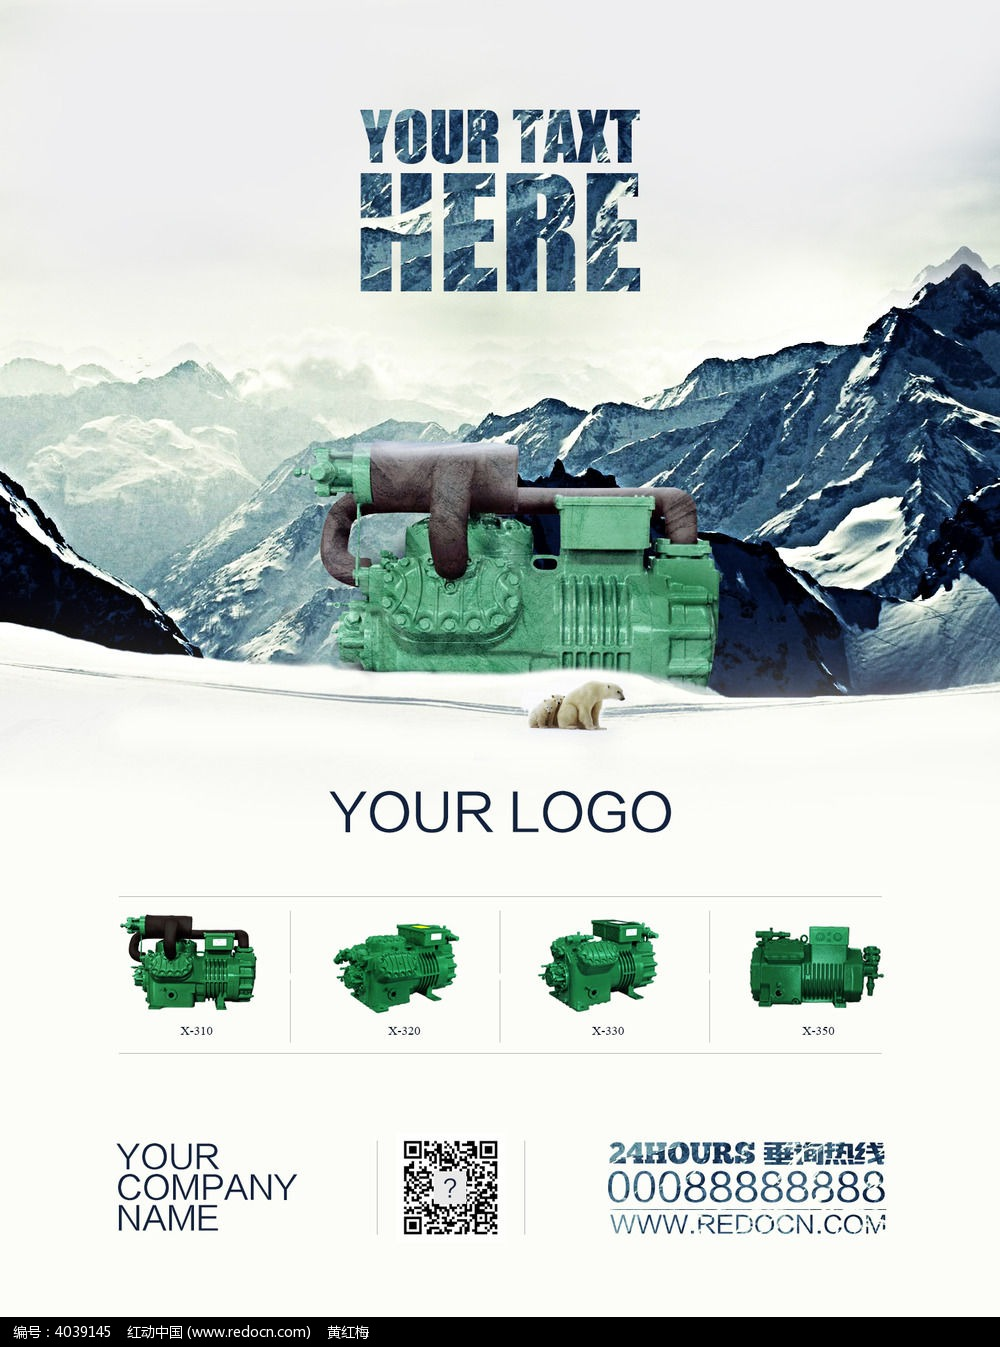 制冷机械设备宣传海报设计图片